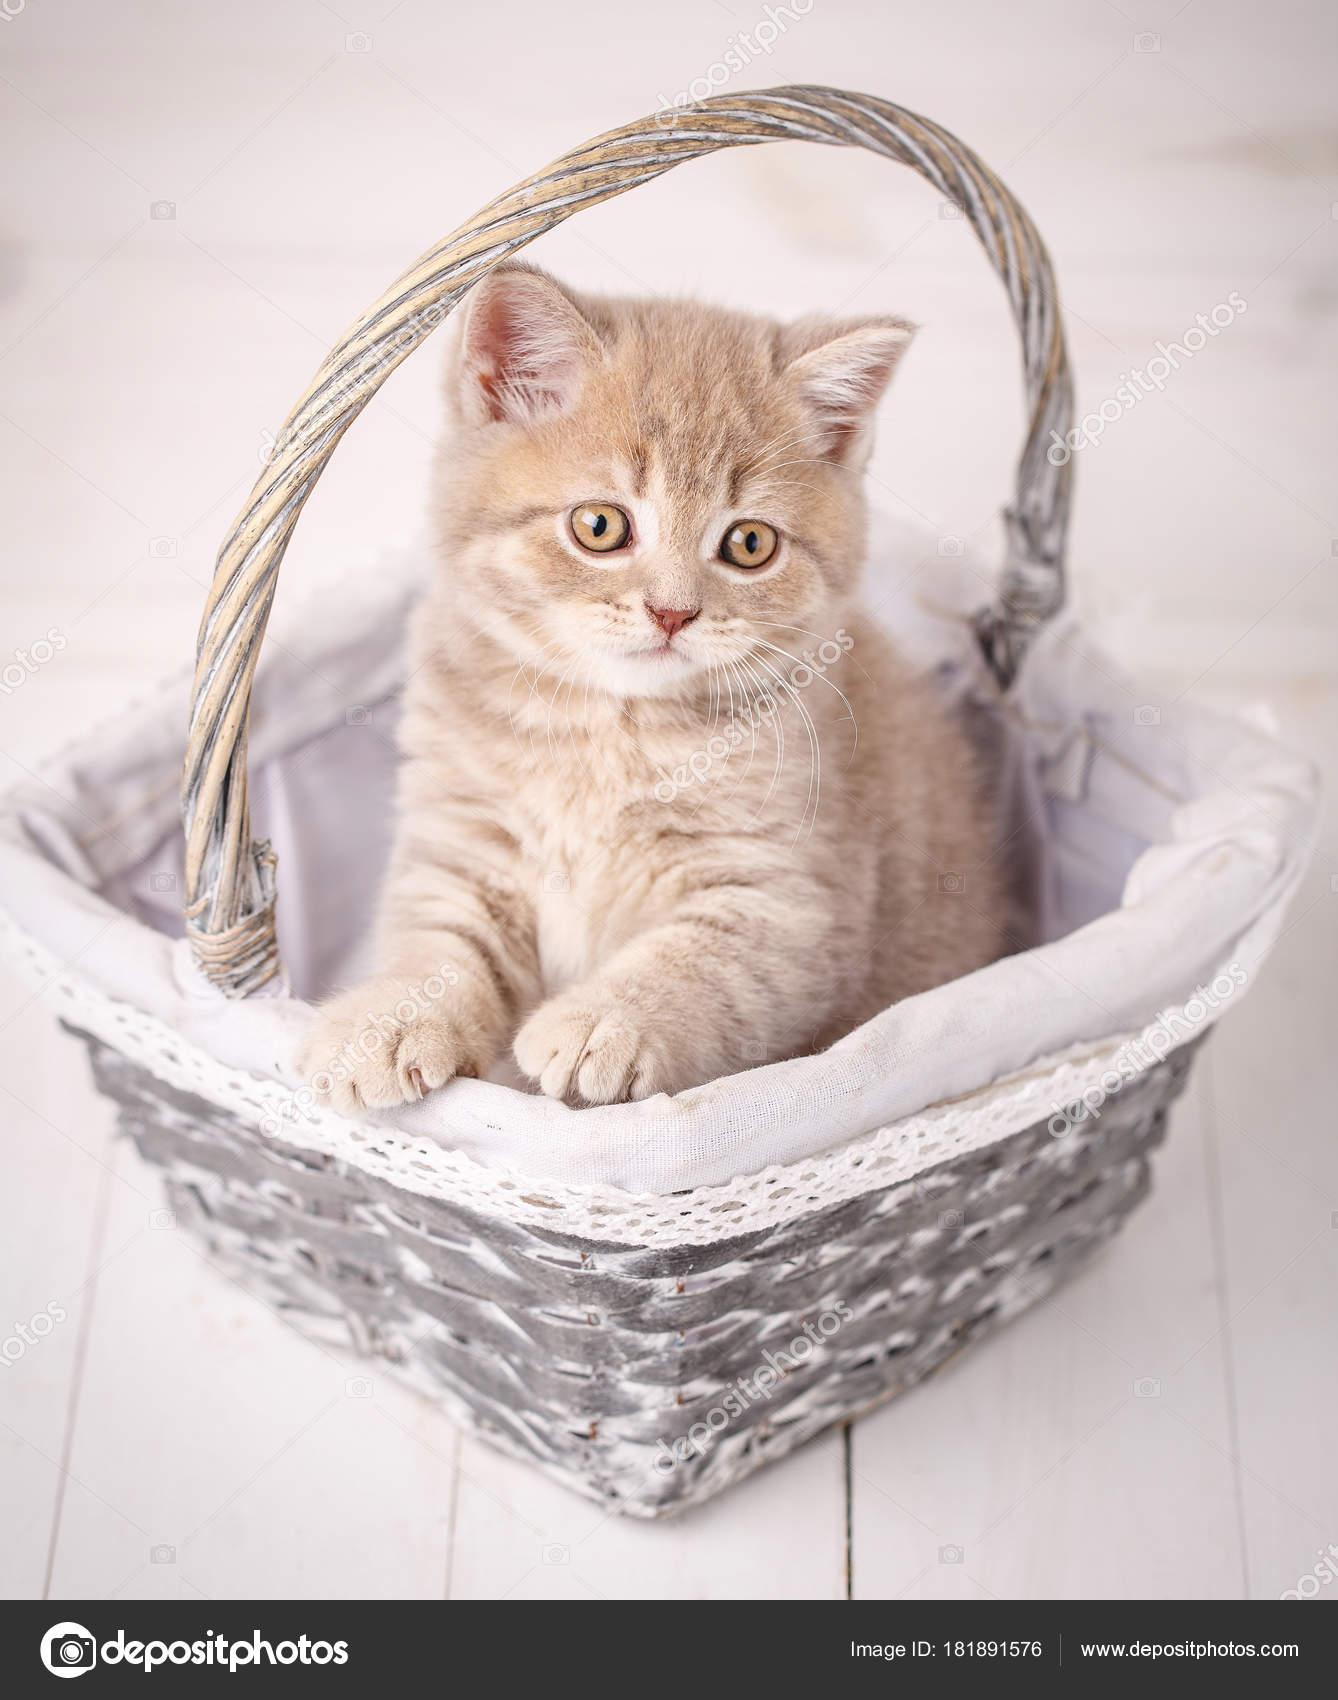 Escocés gato estrecho color crema se encuentra en una cesta de ...